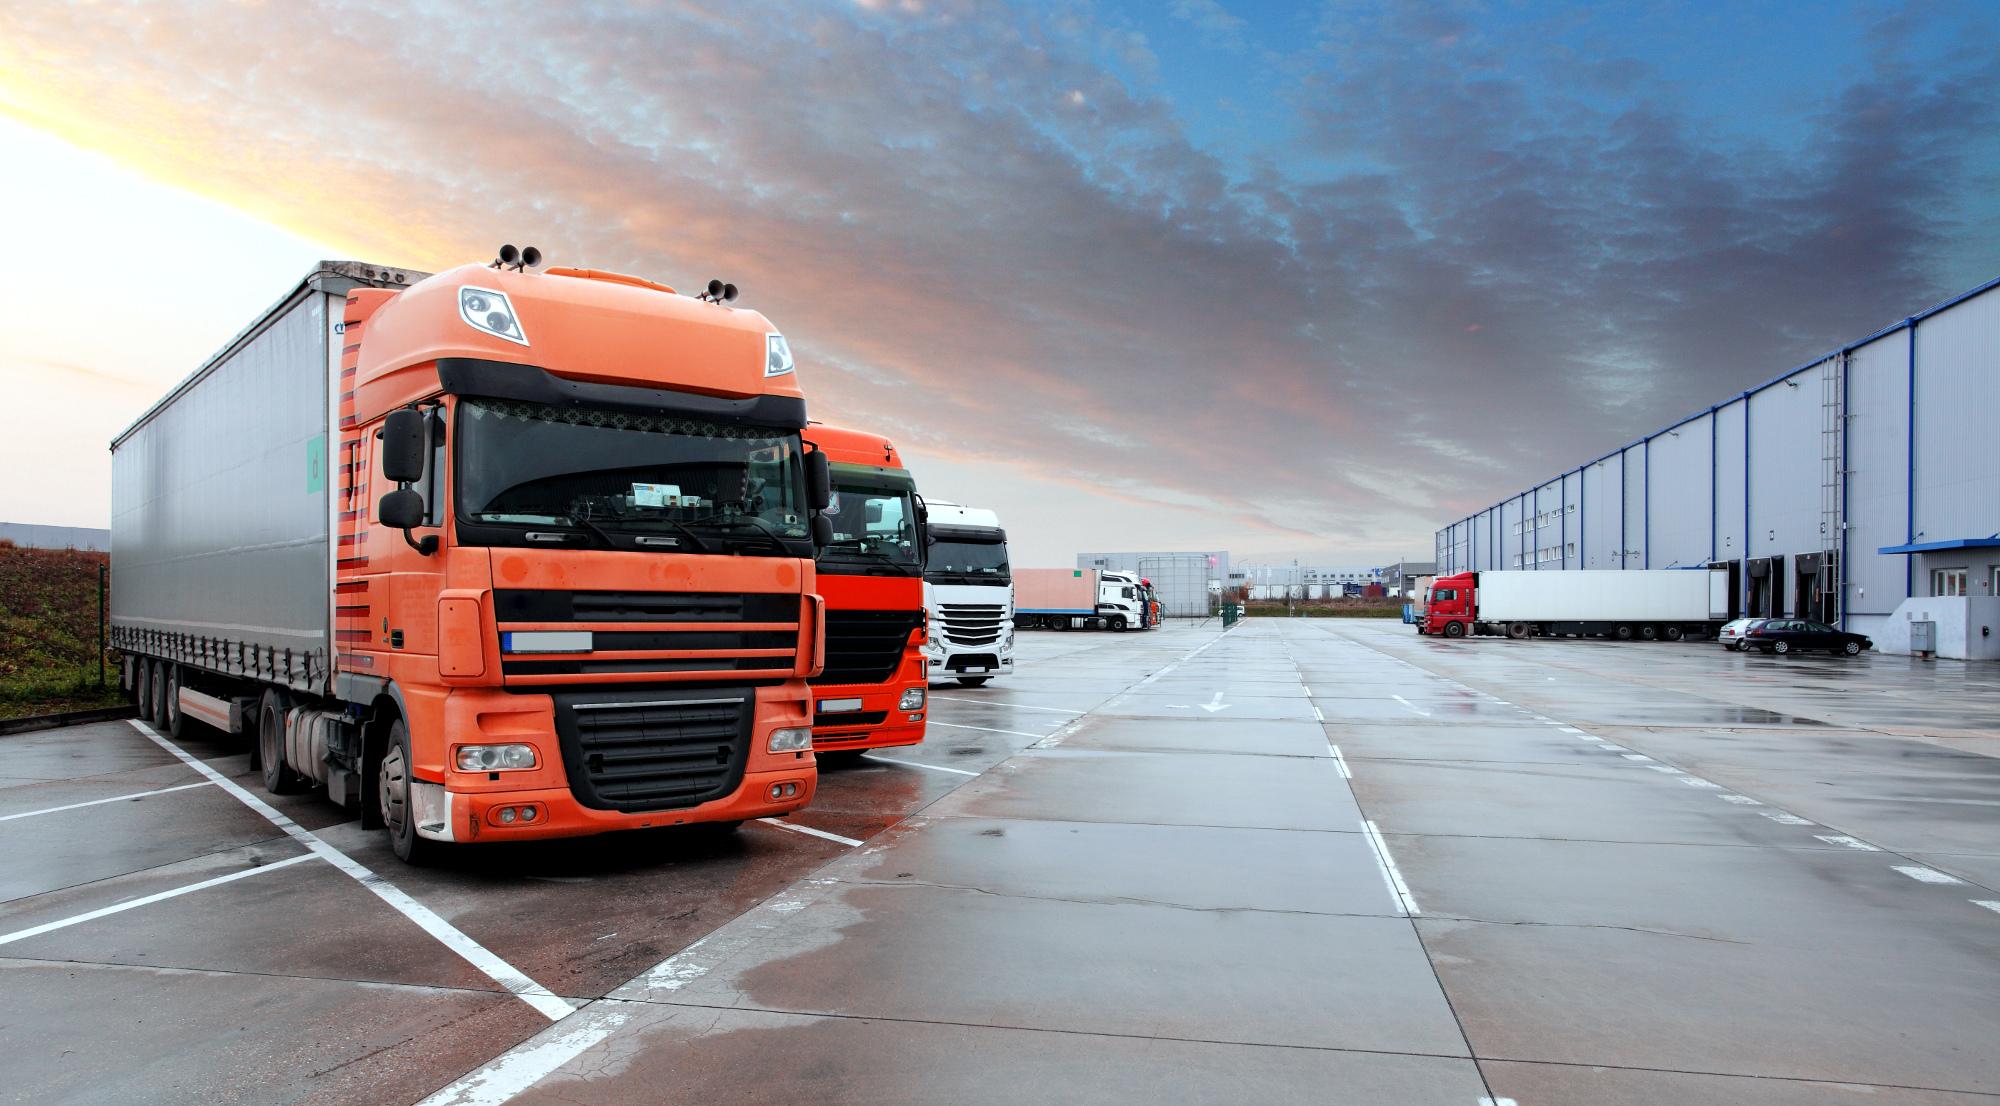 Logistycy patrzą w przyszłość z większym optymizmem. W pandemii poradzili sobie lepiej niż inne sektory